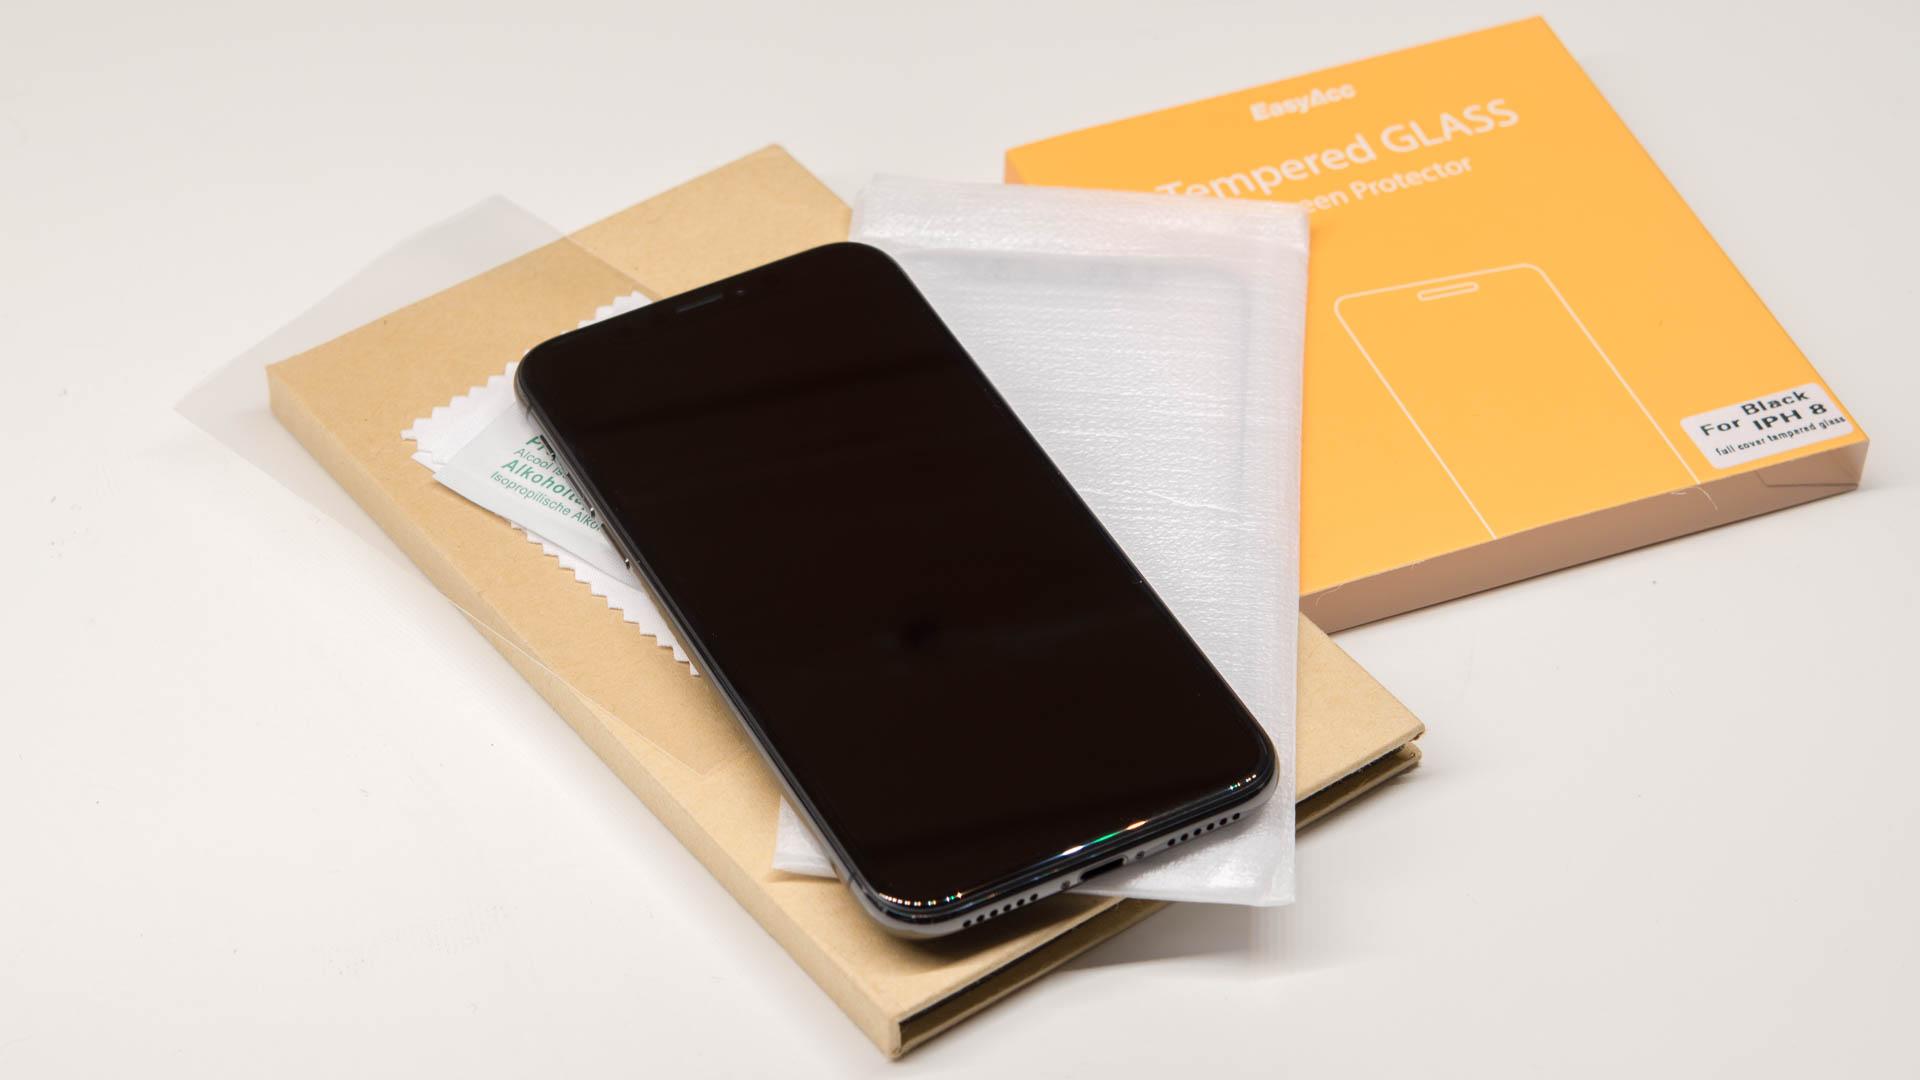 8x Glas Displayschutzfolien Panzerglasfolien Fur Das Iphone X Im Test Welcher Ist Der Beste